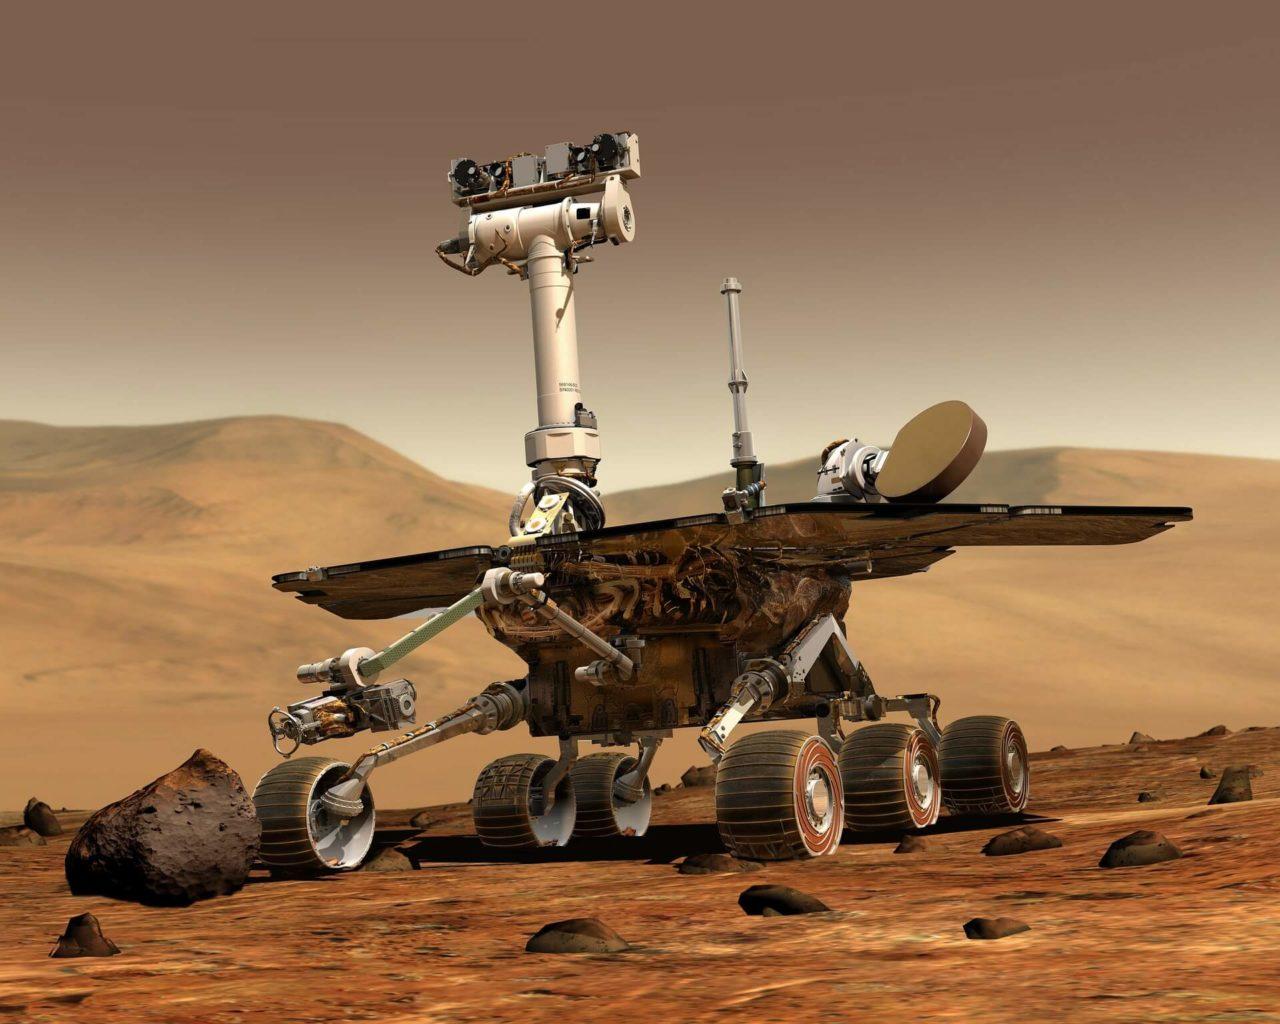 Científicos sugieren que Marte siempre fue un planeta frío e inhóspito